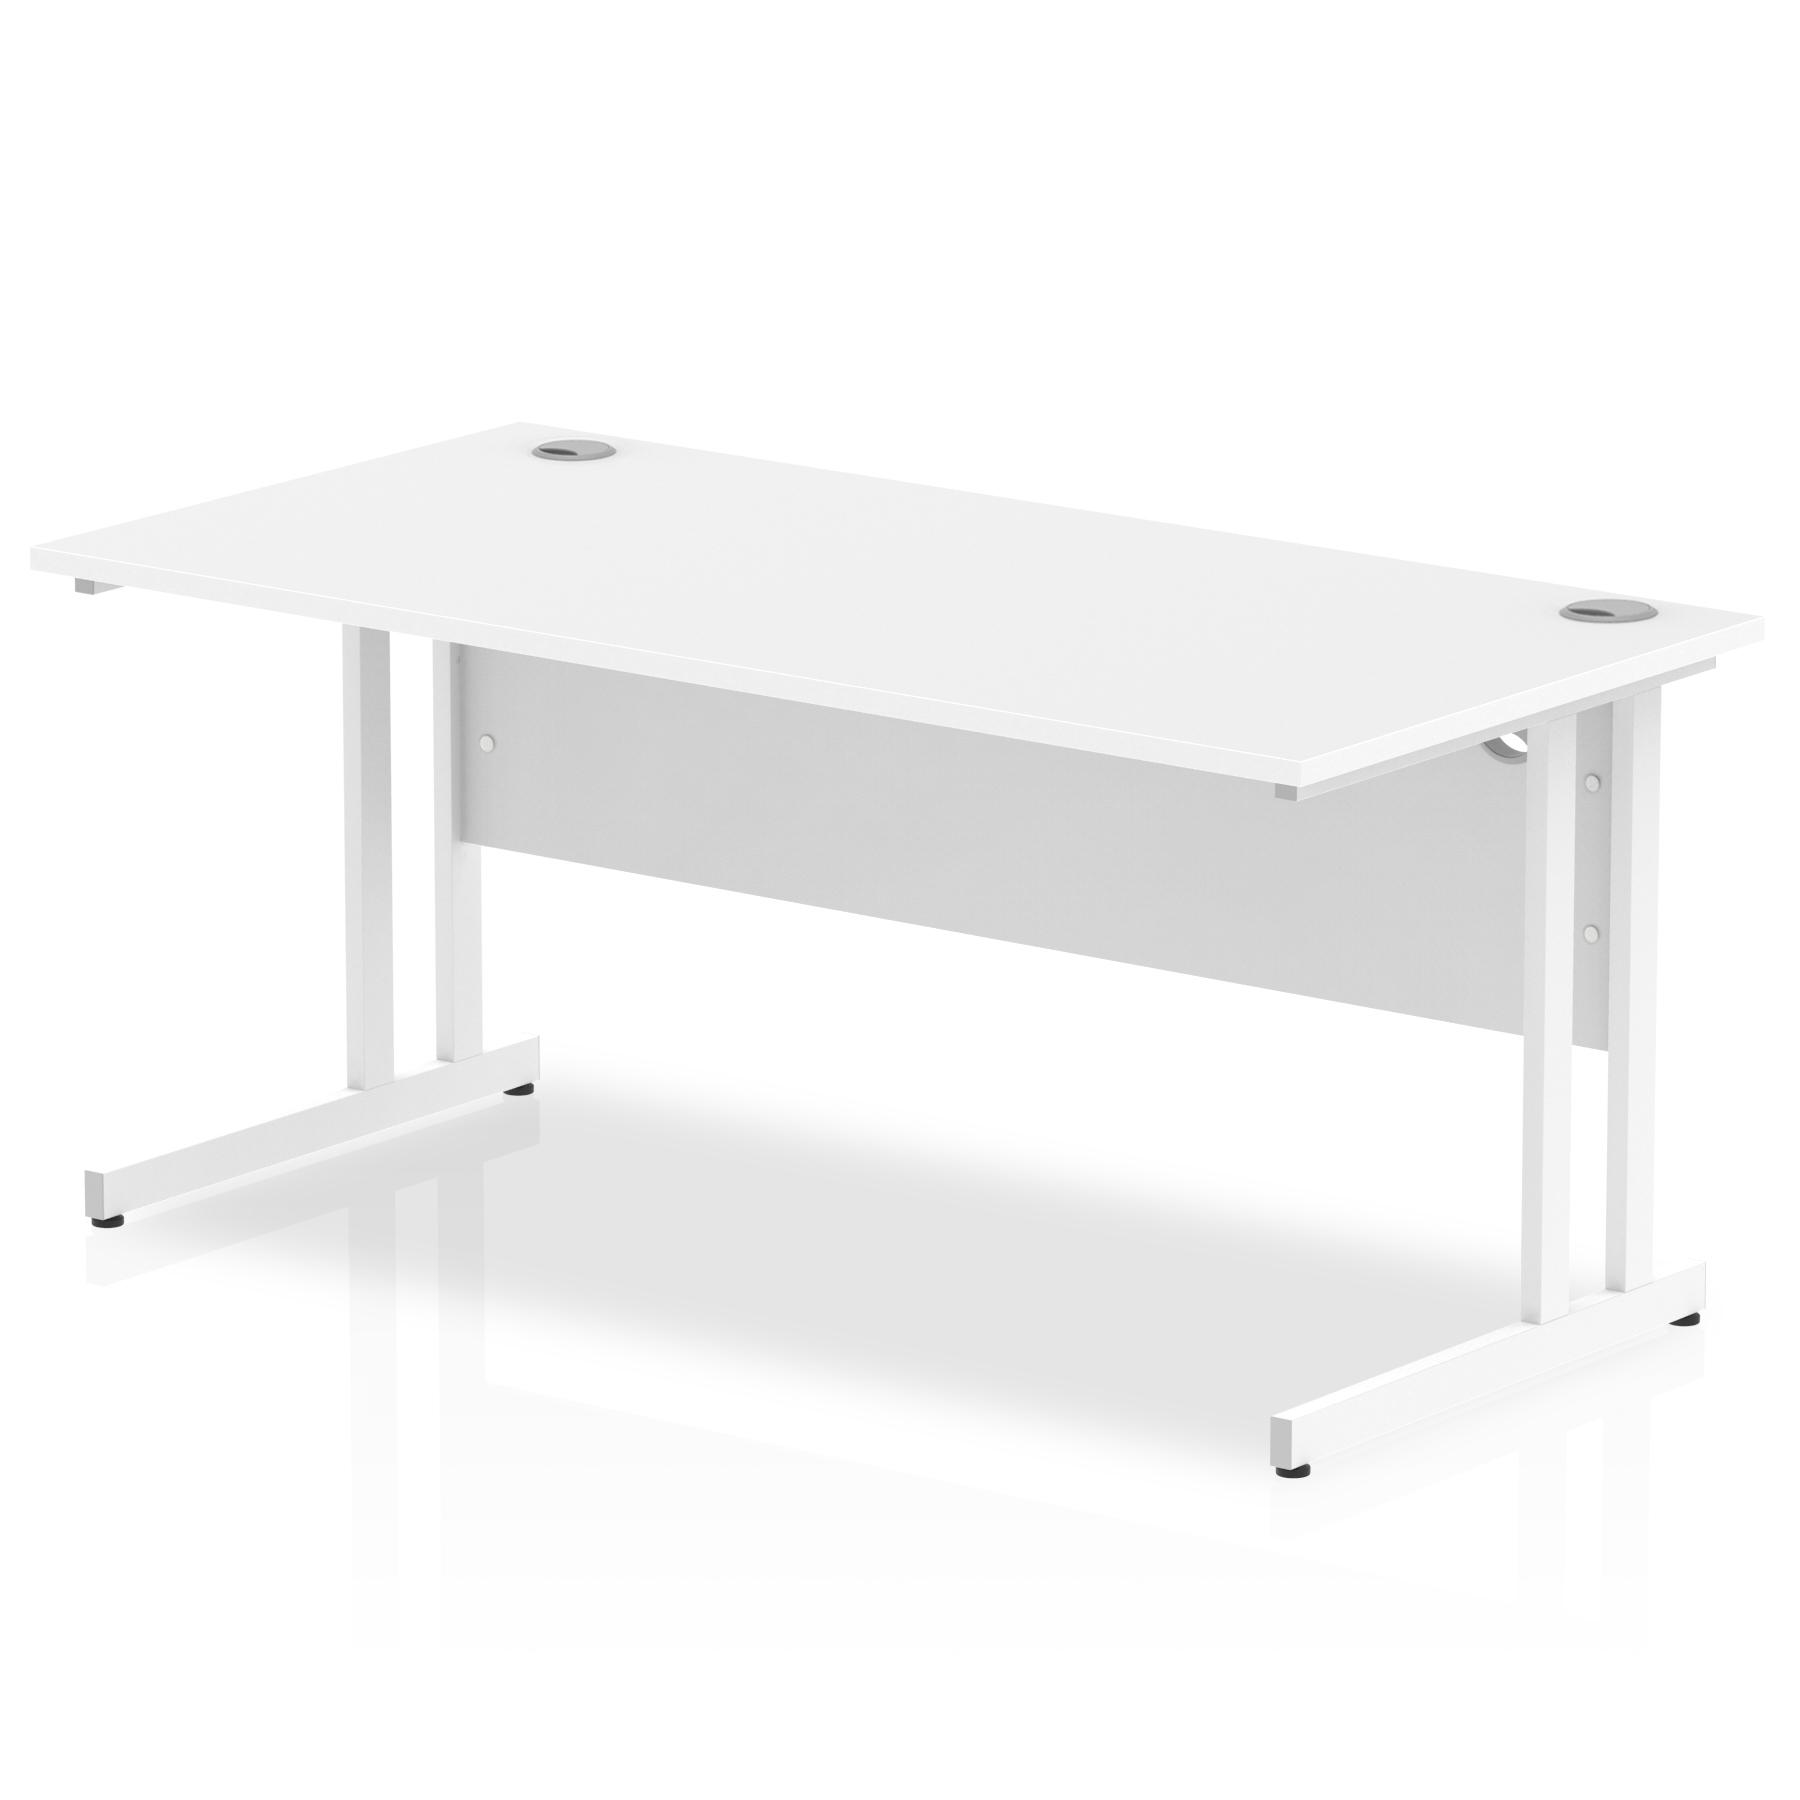 Rectangular Desks Impulse 1600 x 800mm Straight Desk White Top White Cantilever Leg MI002193